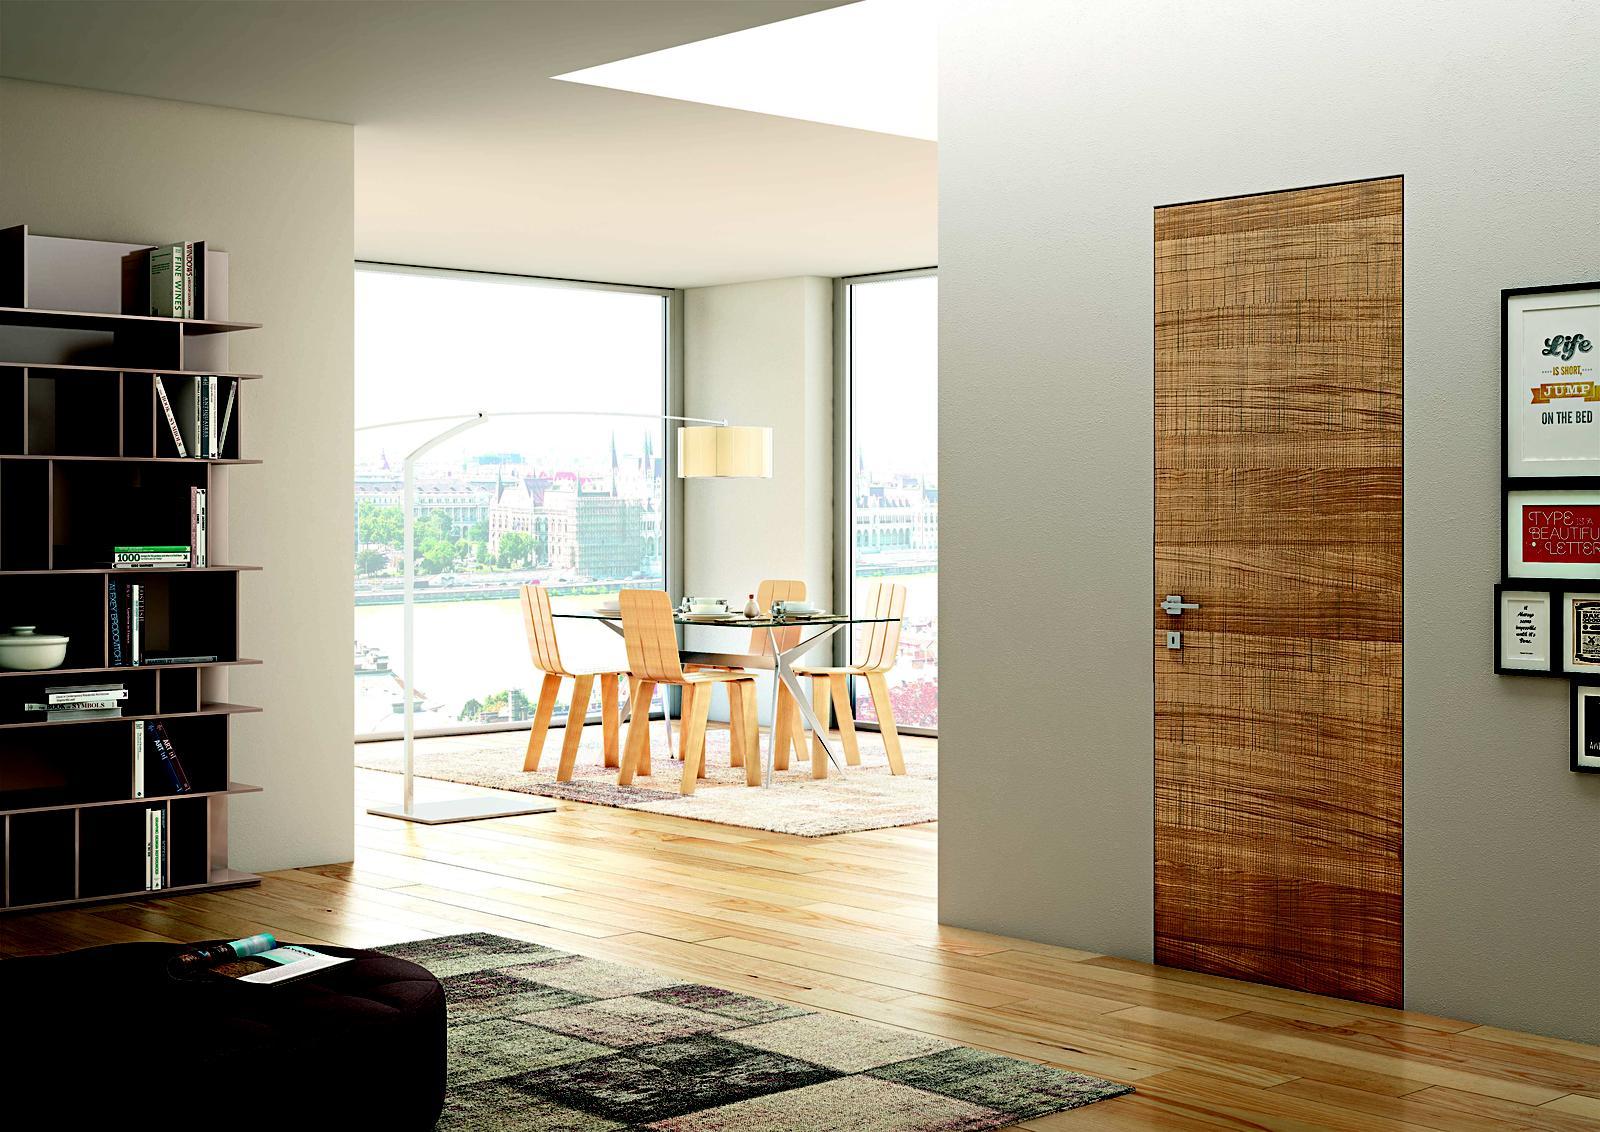 Zasuvacie dvere klasicke dvere skrite dvere UniTrEx s.r.o. - Obrázok č. 32